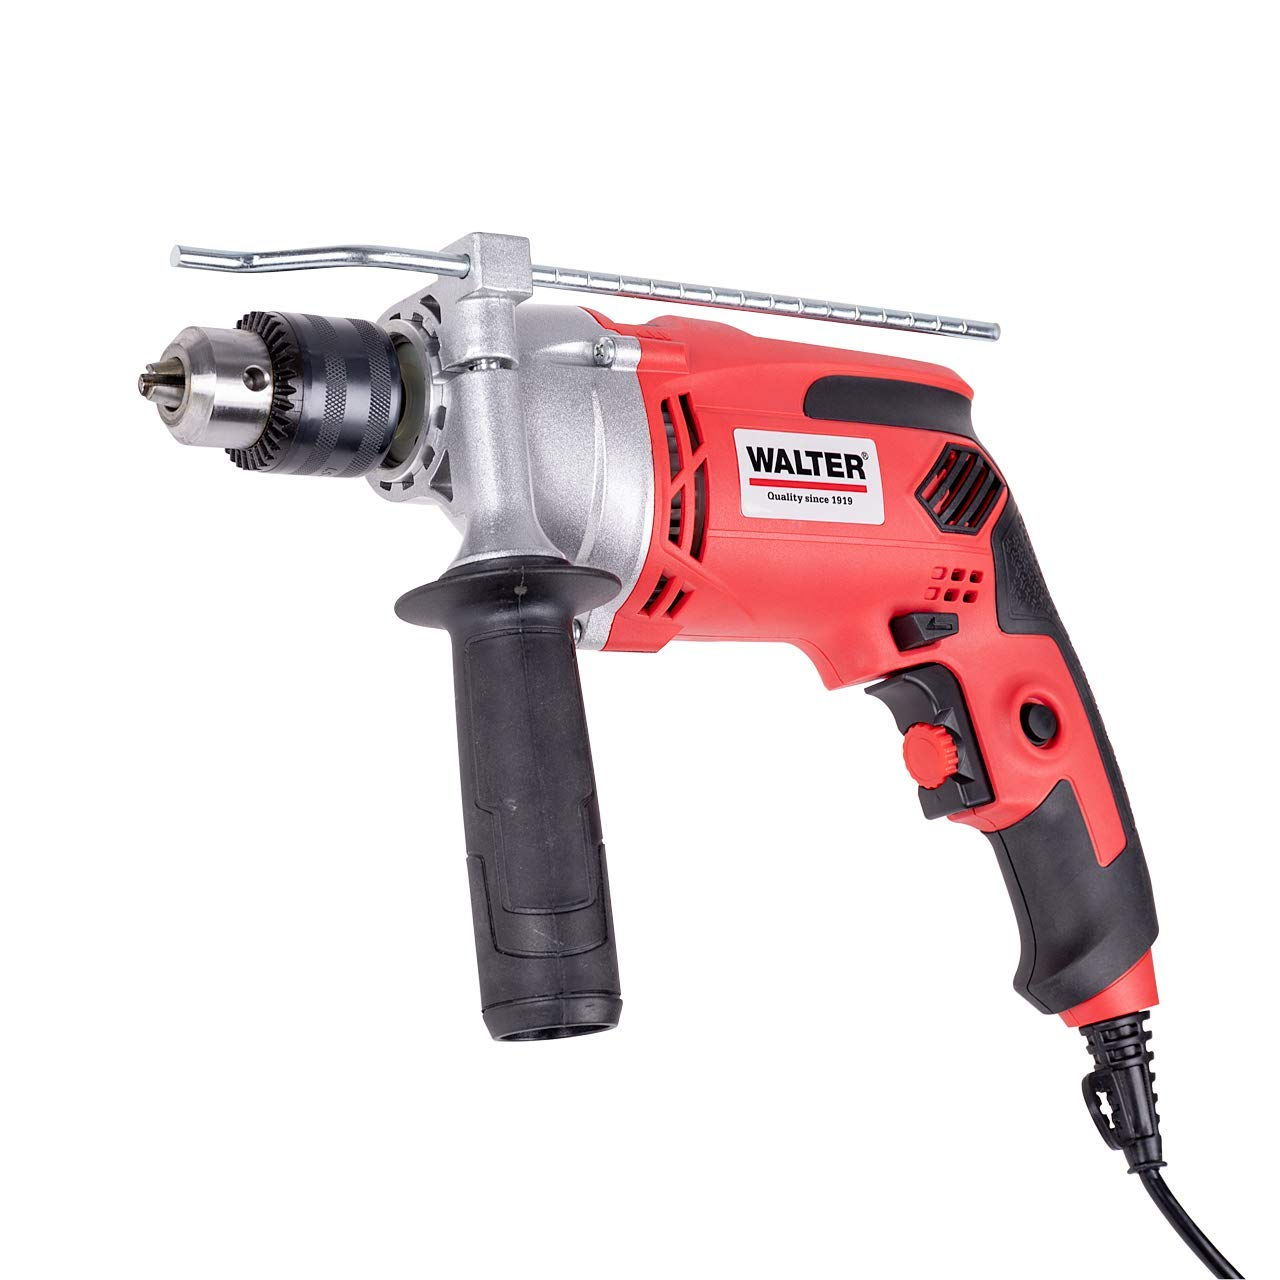 WALTER-Schlagbohrmaschine-910-Watt-elektr-Drehzahlregelung-mit-zweiten-Handgriff-Tiefenanschlag-max-Bohr–Holz-25-mm-Beton-16-mm-Metall-13-mm